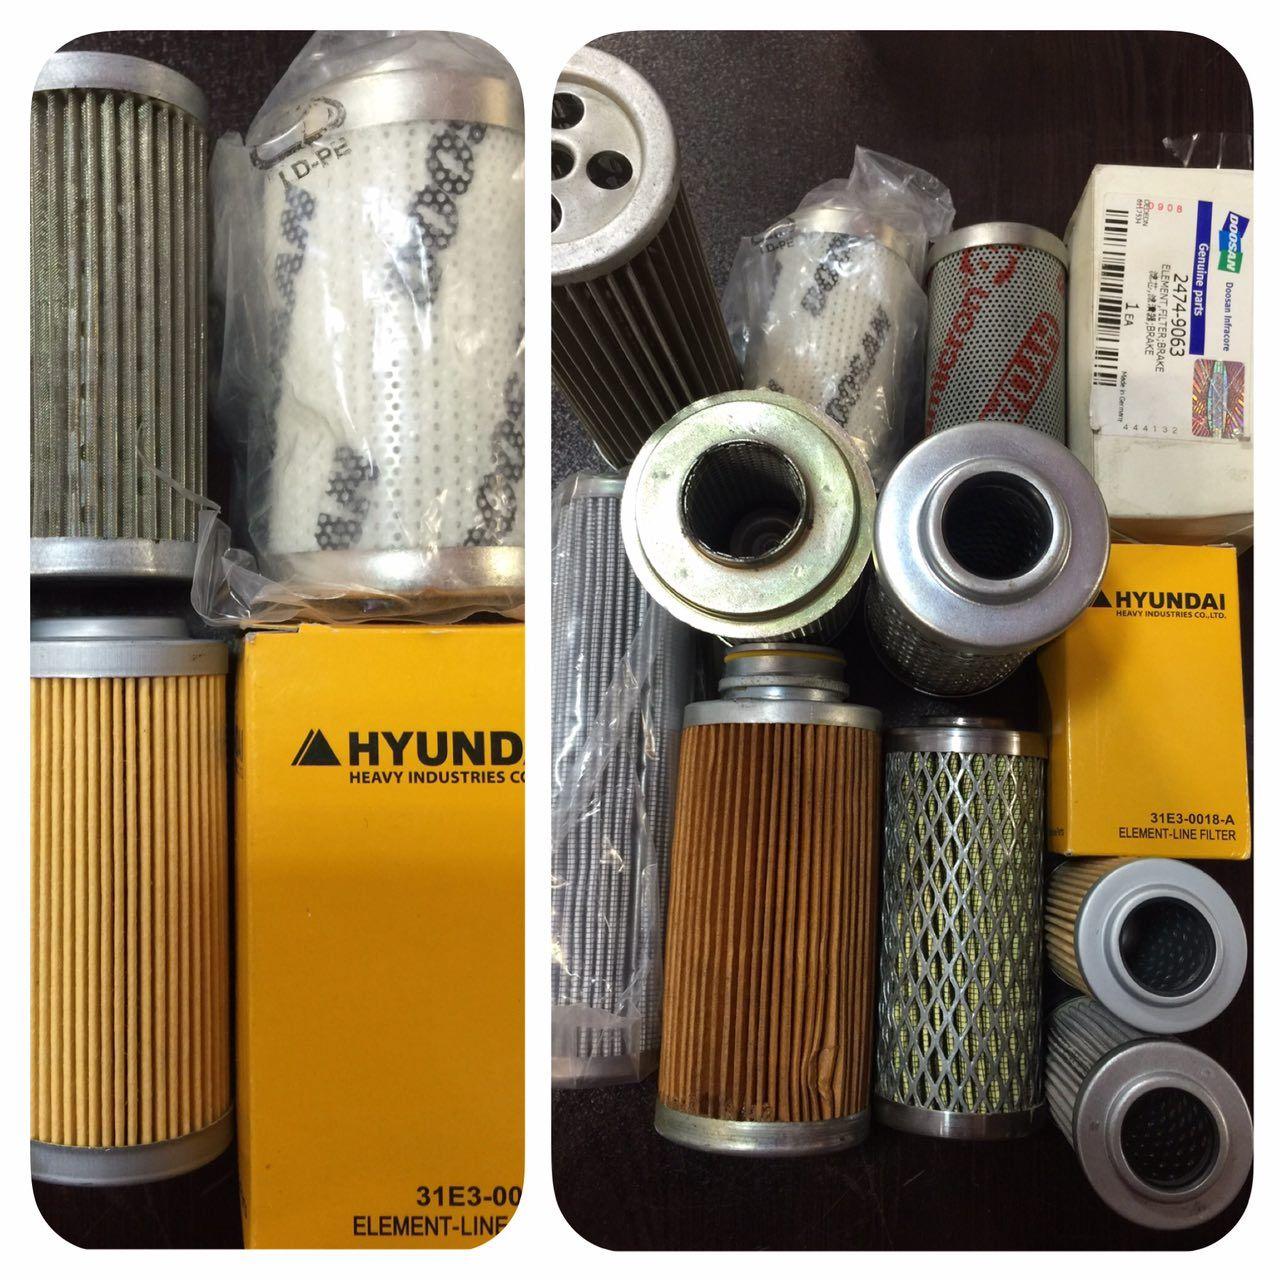 فیلتر لودر کوماتسو WA700-3 ژاپن با بالاترین کیفیت